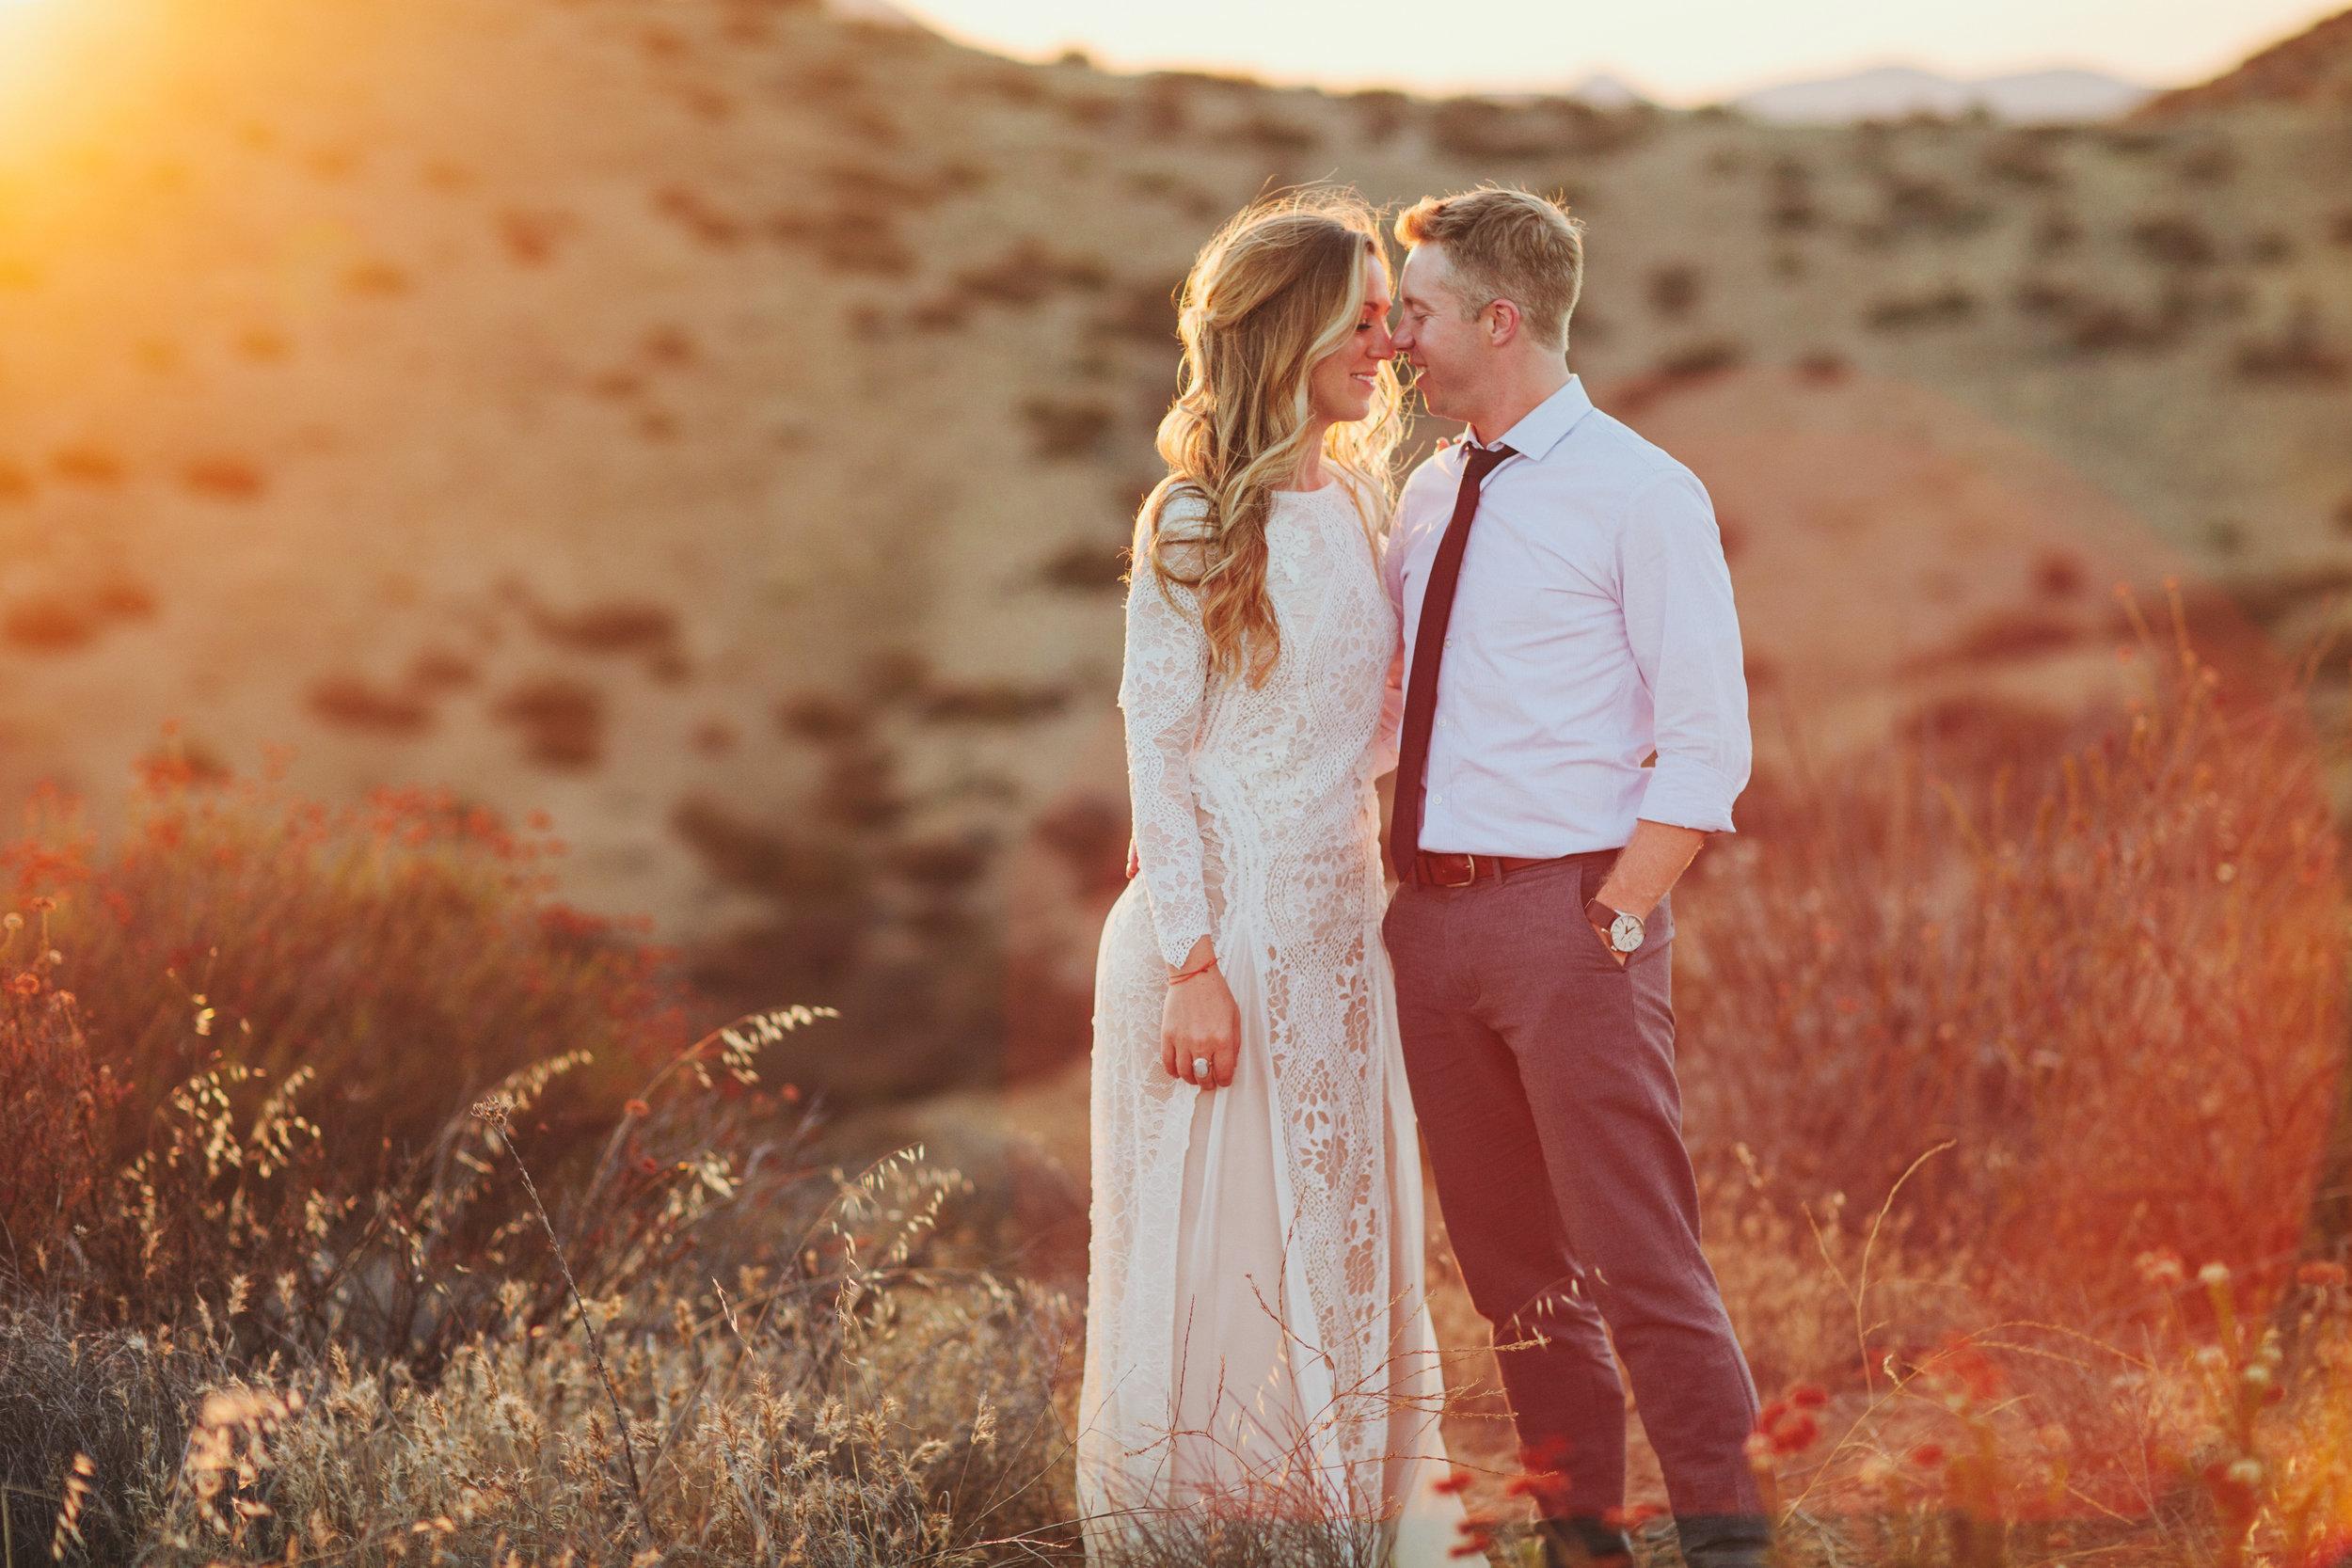 kateandgreg-married-997.jpg